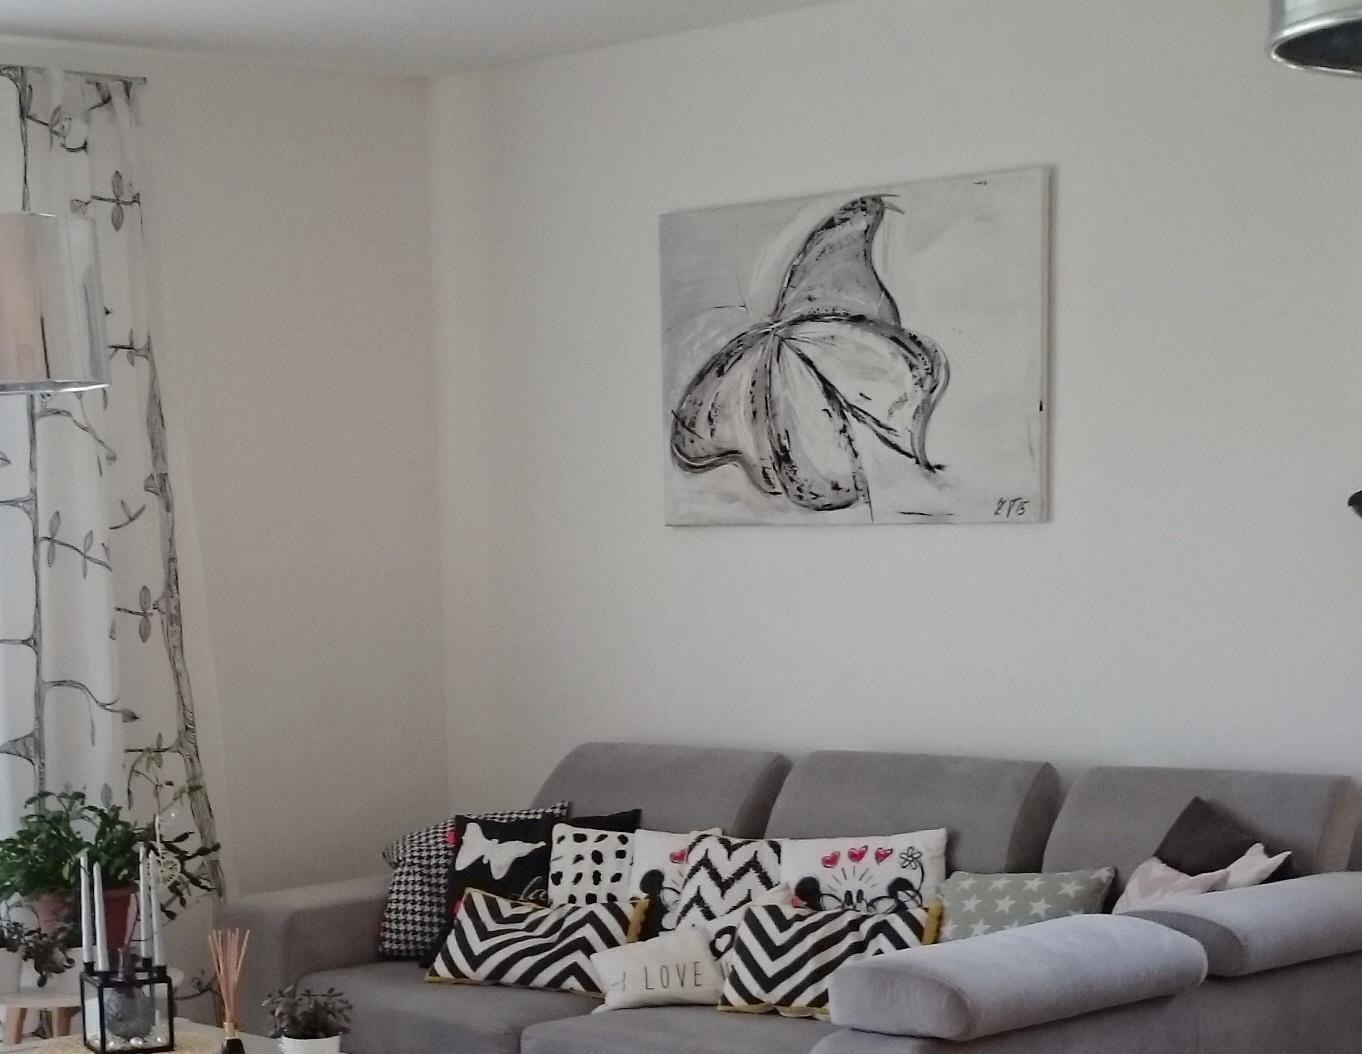 Mé obrazy v interiérech - Obrázek č. 59